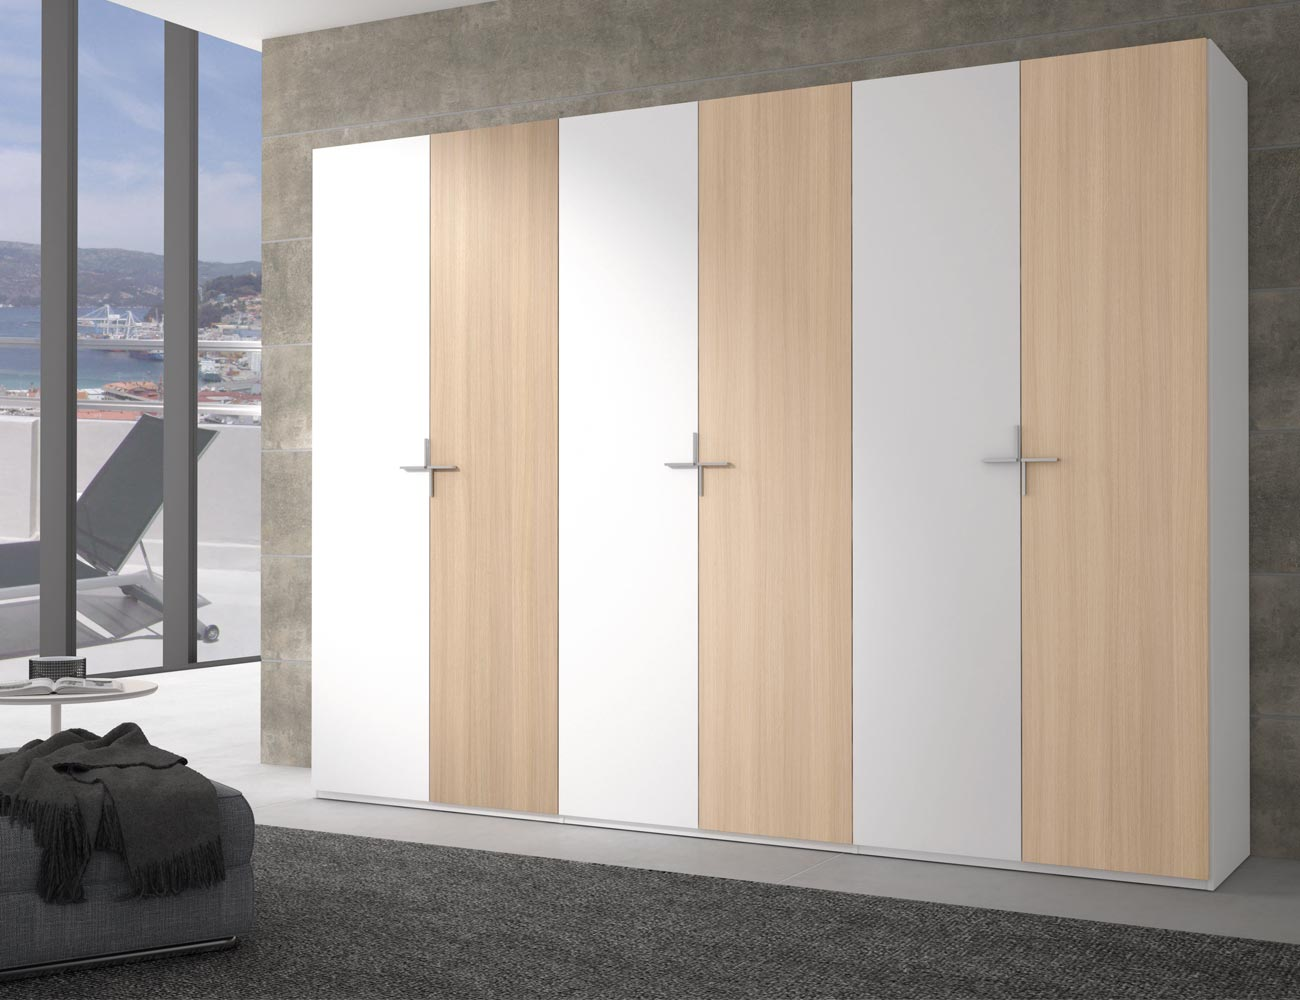 Armario puertas abatibles blanco roble4